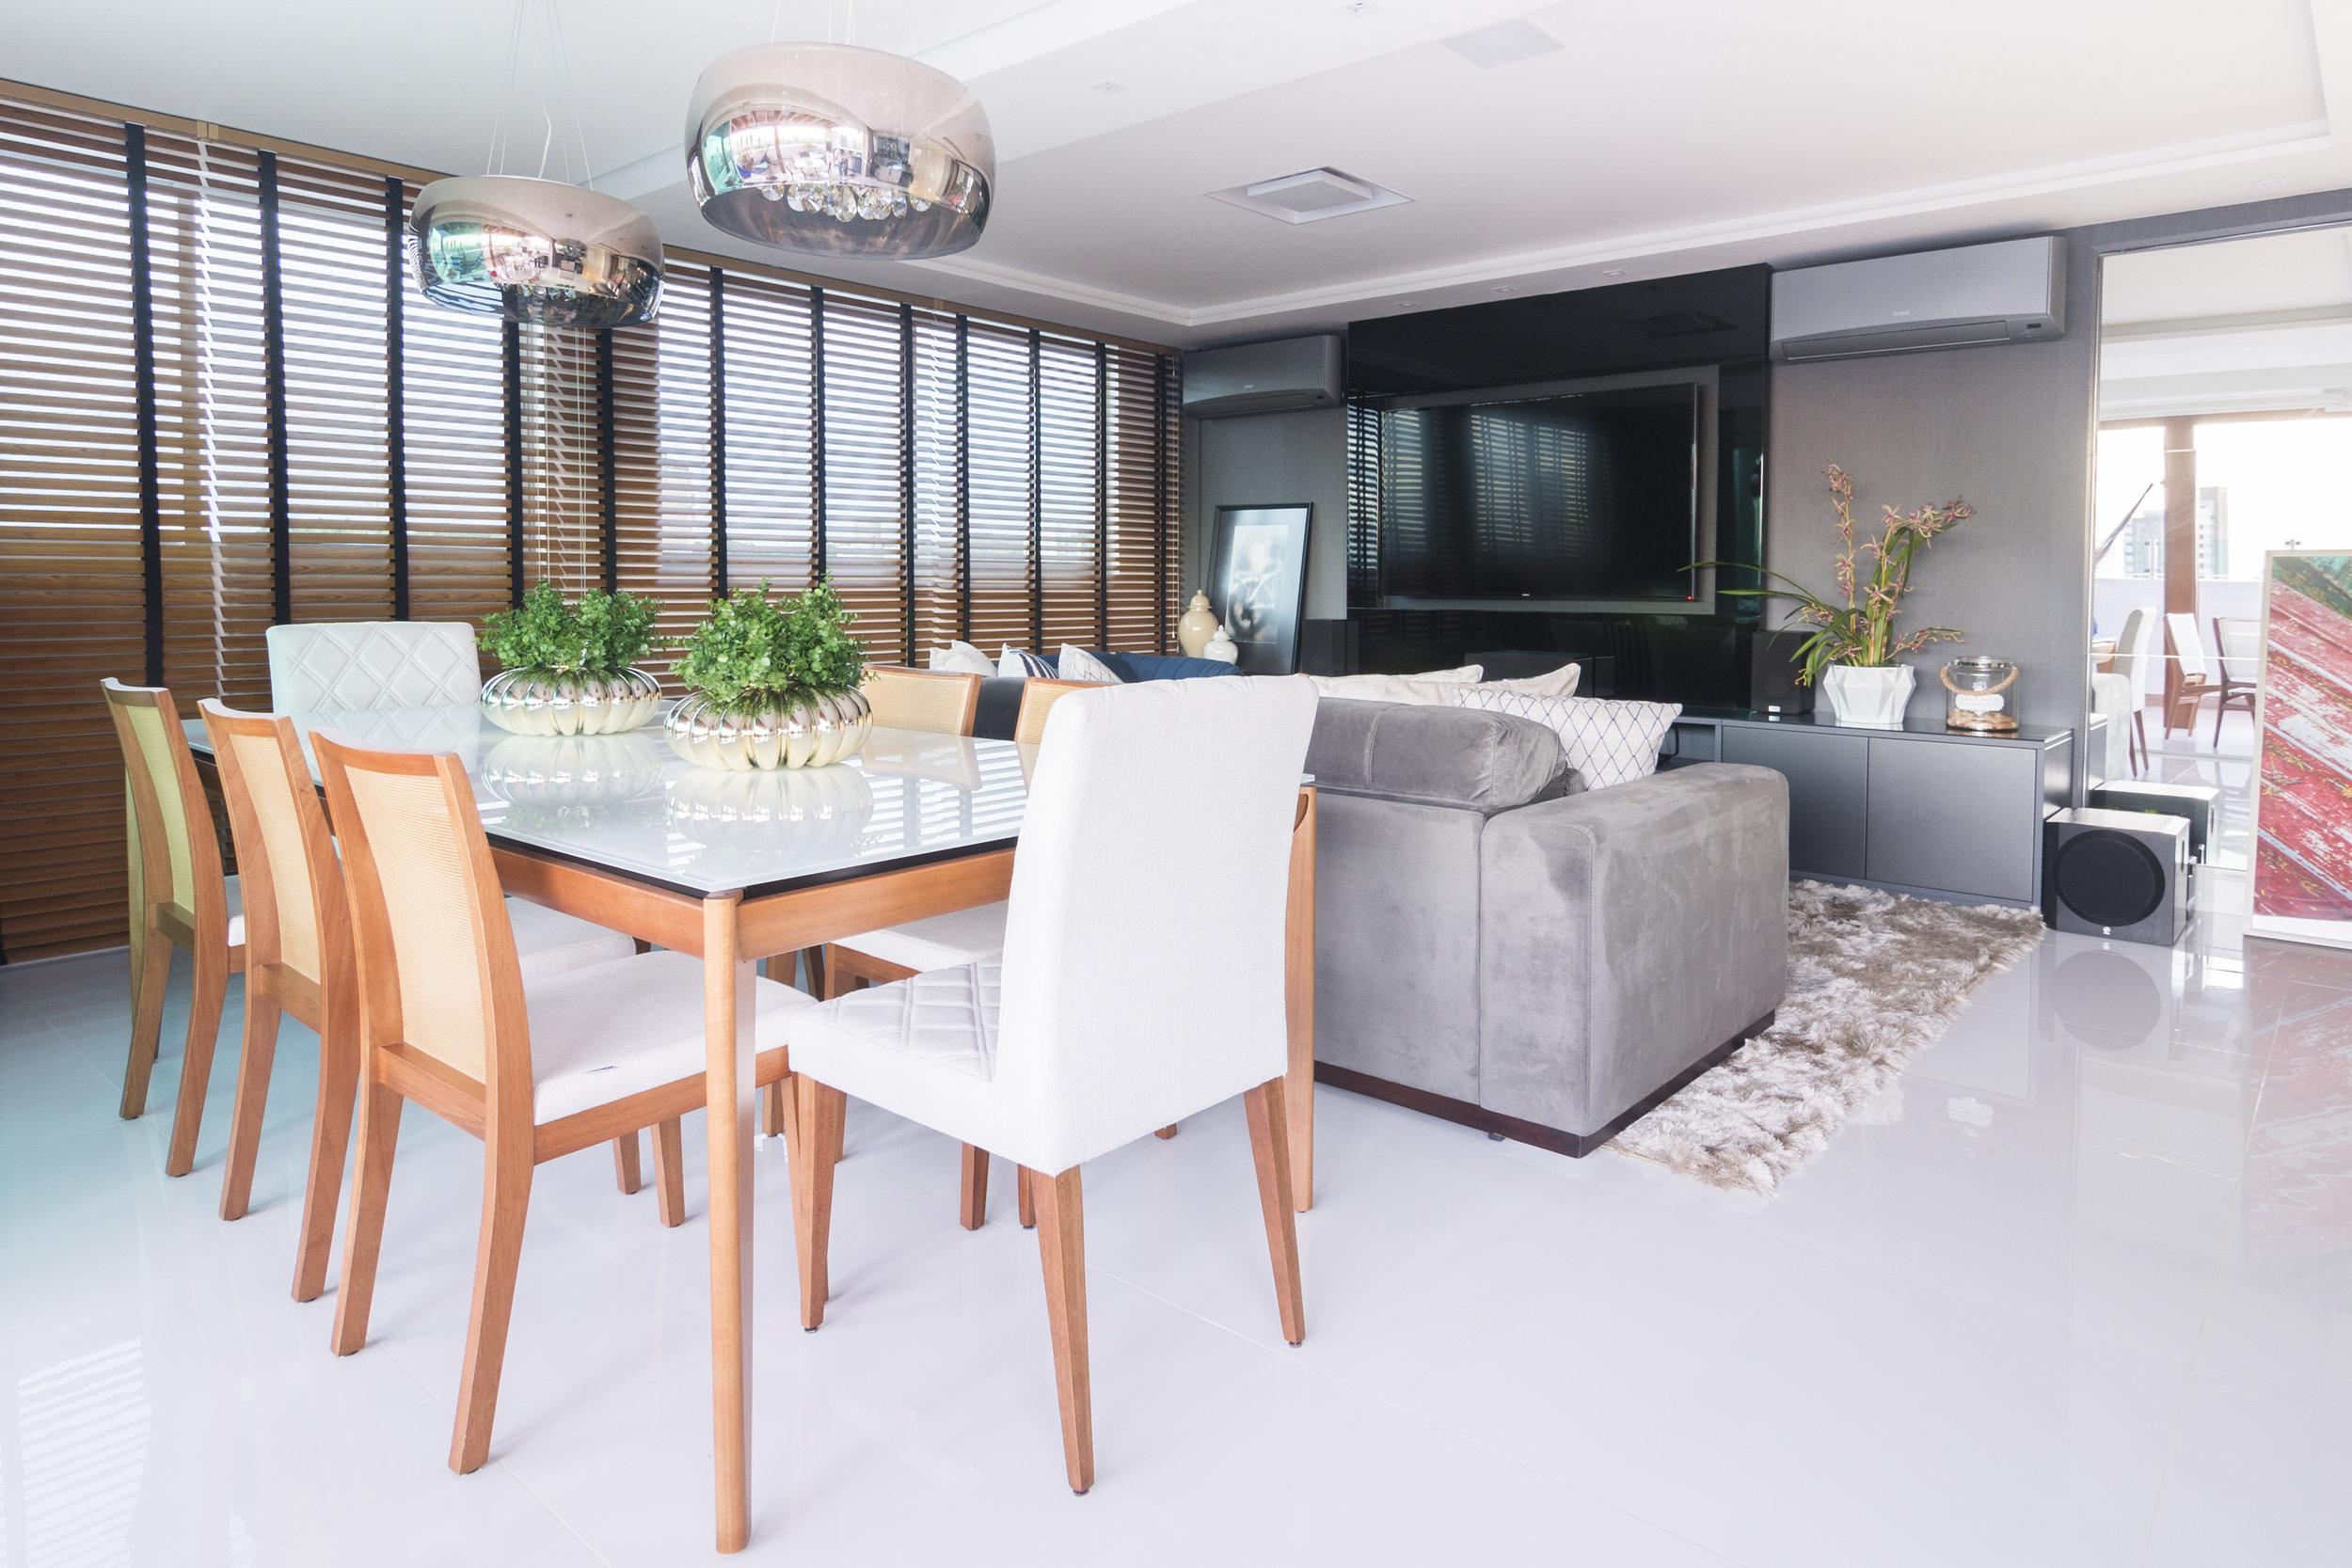 projeto-arquitetonico-robertoindira-duo-arquitetura-apartamentos-gourmet-04.jpg